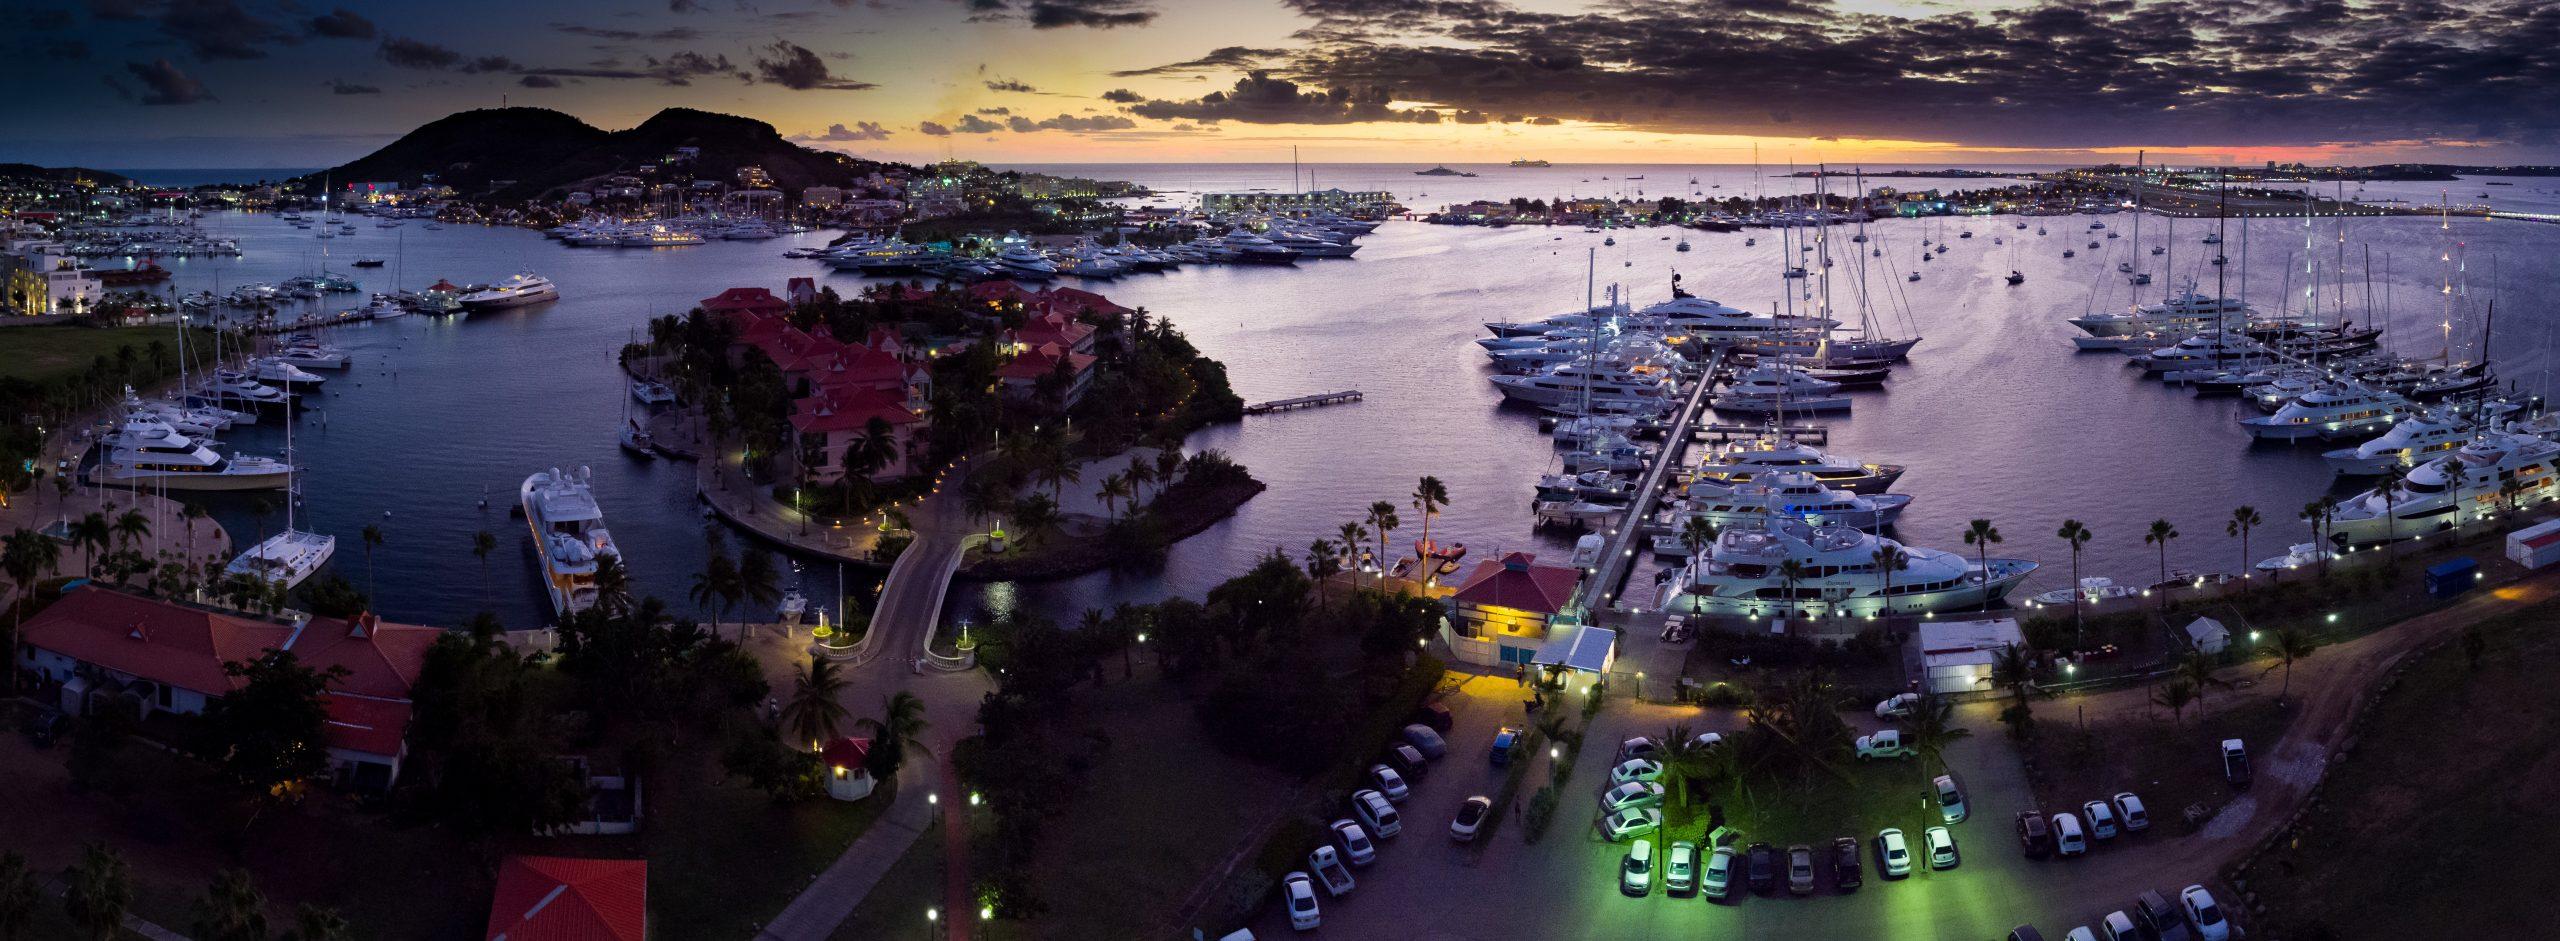 Yacht Club Port De Plaisance, St. Maarten